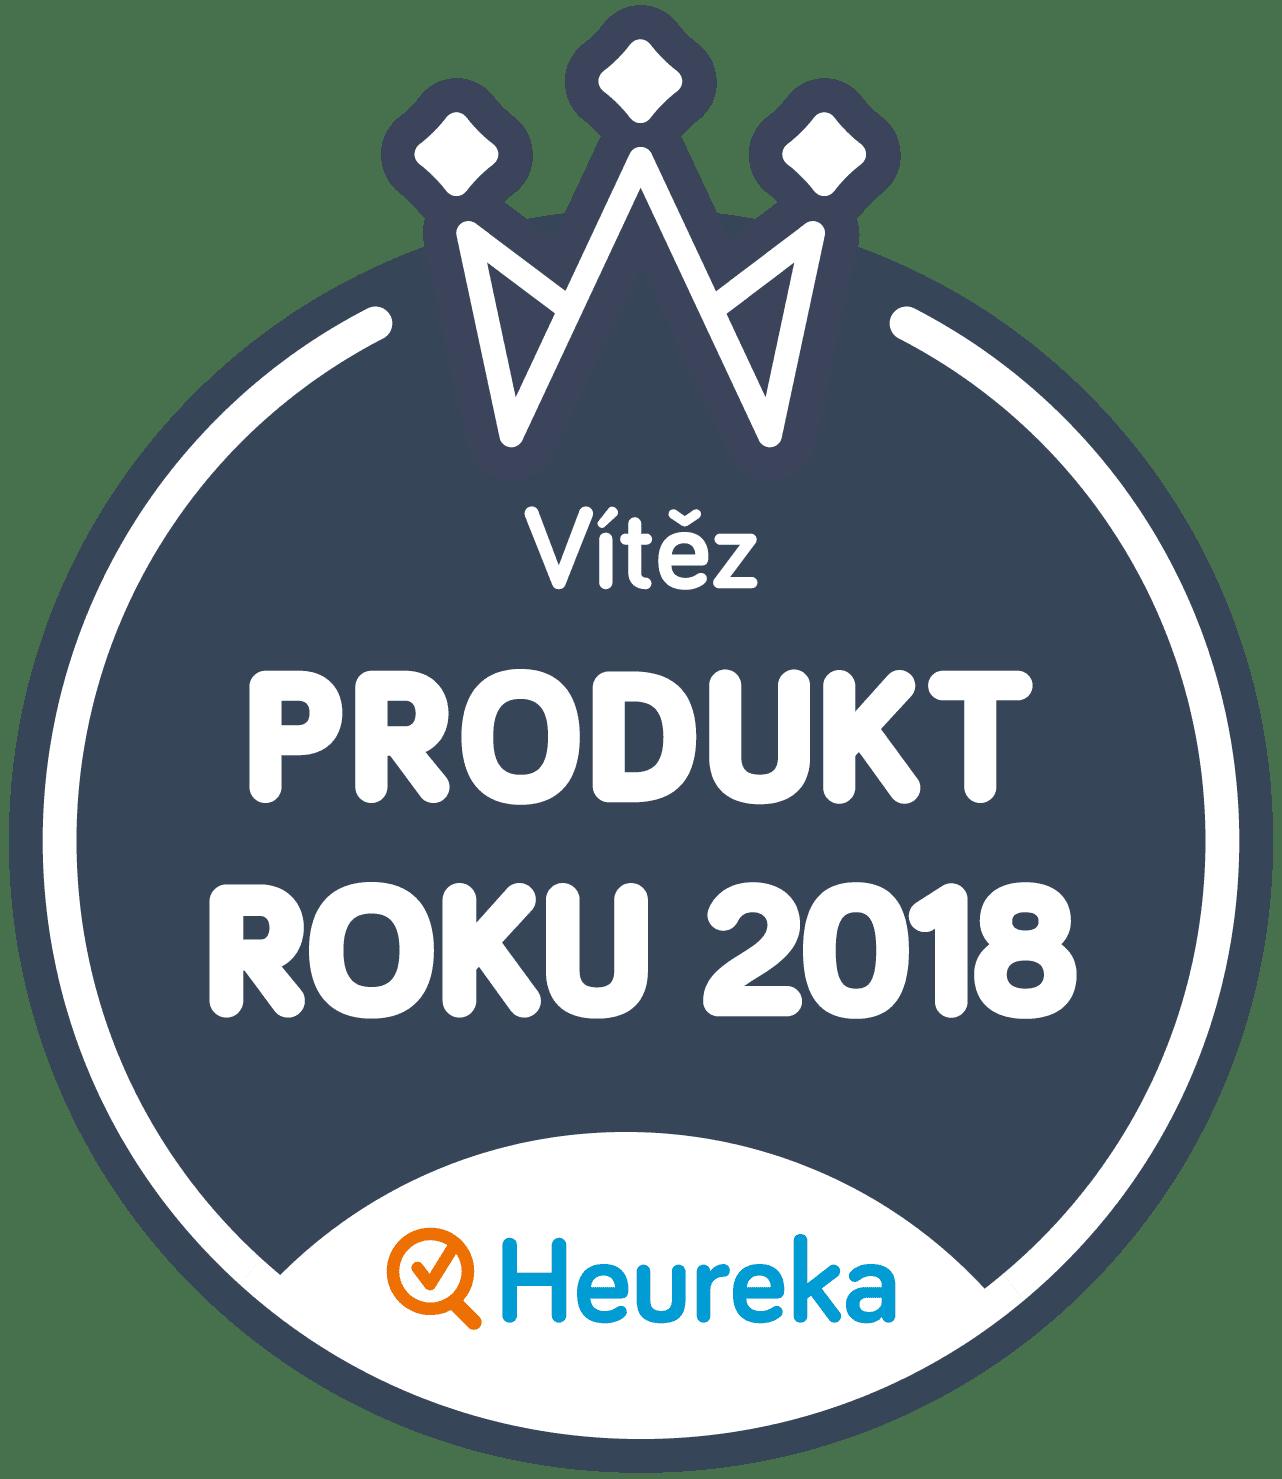 Vítěz soutěže Produkt roku 2018